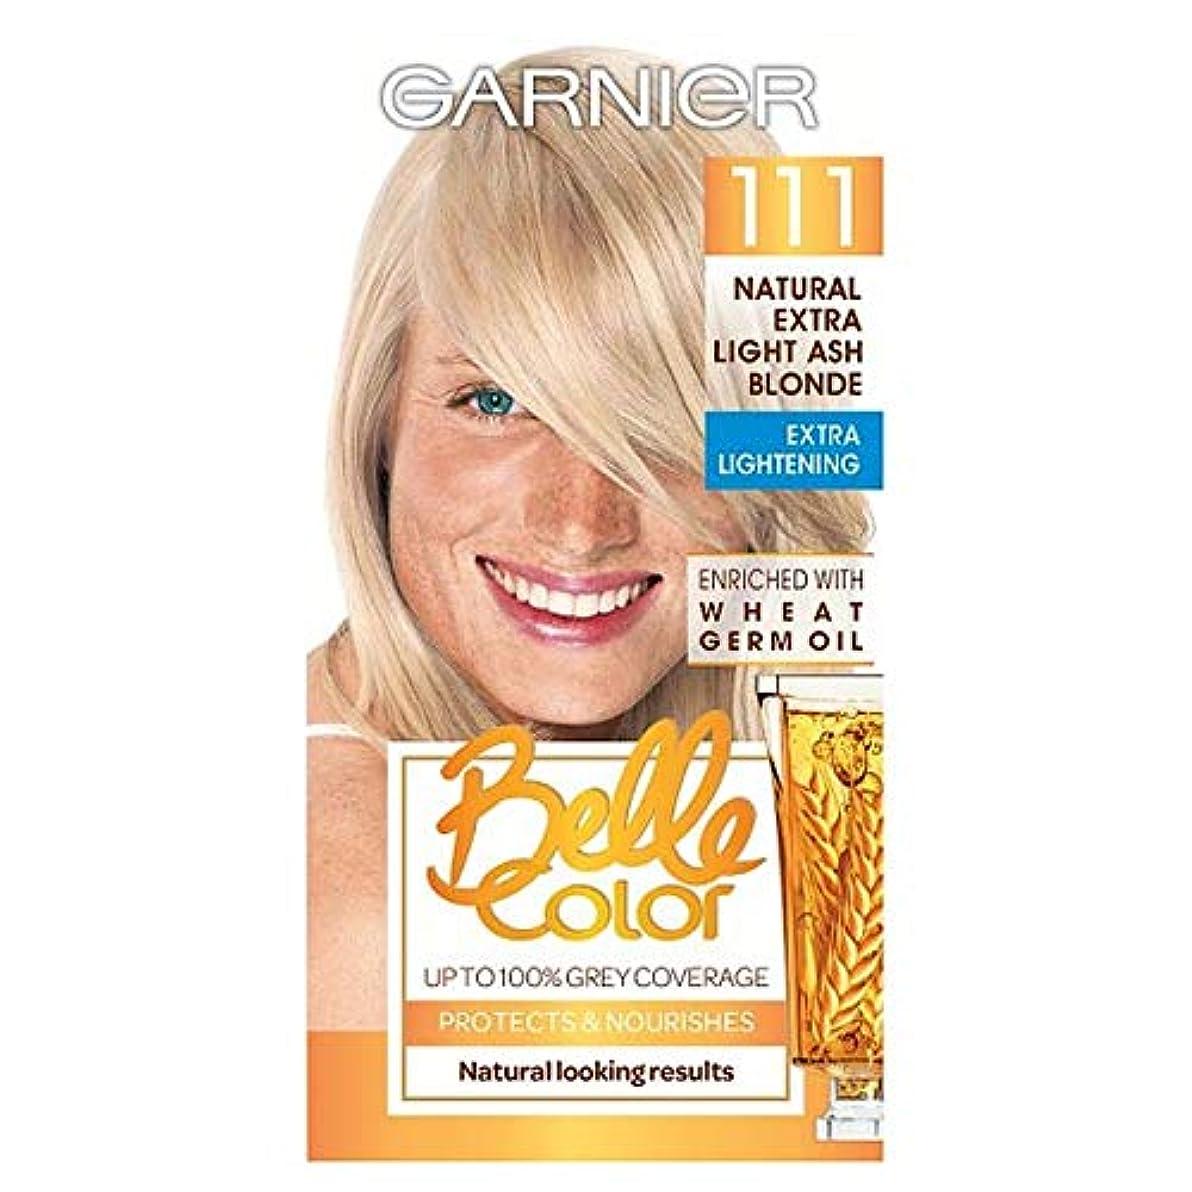 描写説明的ヶ月目[Belle Color ] ガーン/ベル/Clr 111余分な光灰ブロンドパーマネントヘアダイ - Garn/Bel/Clr 111 Extra Light Ash Blonde Permanent Hair Dye...